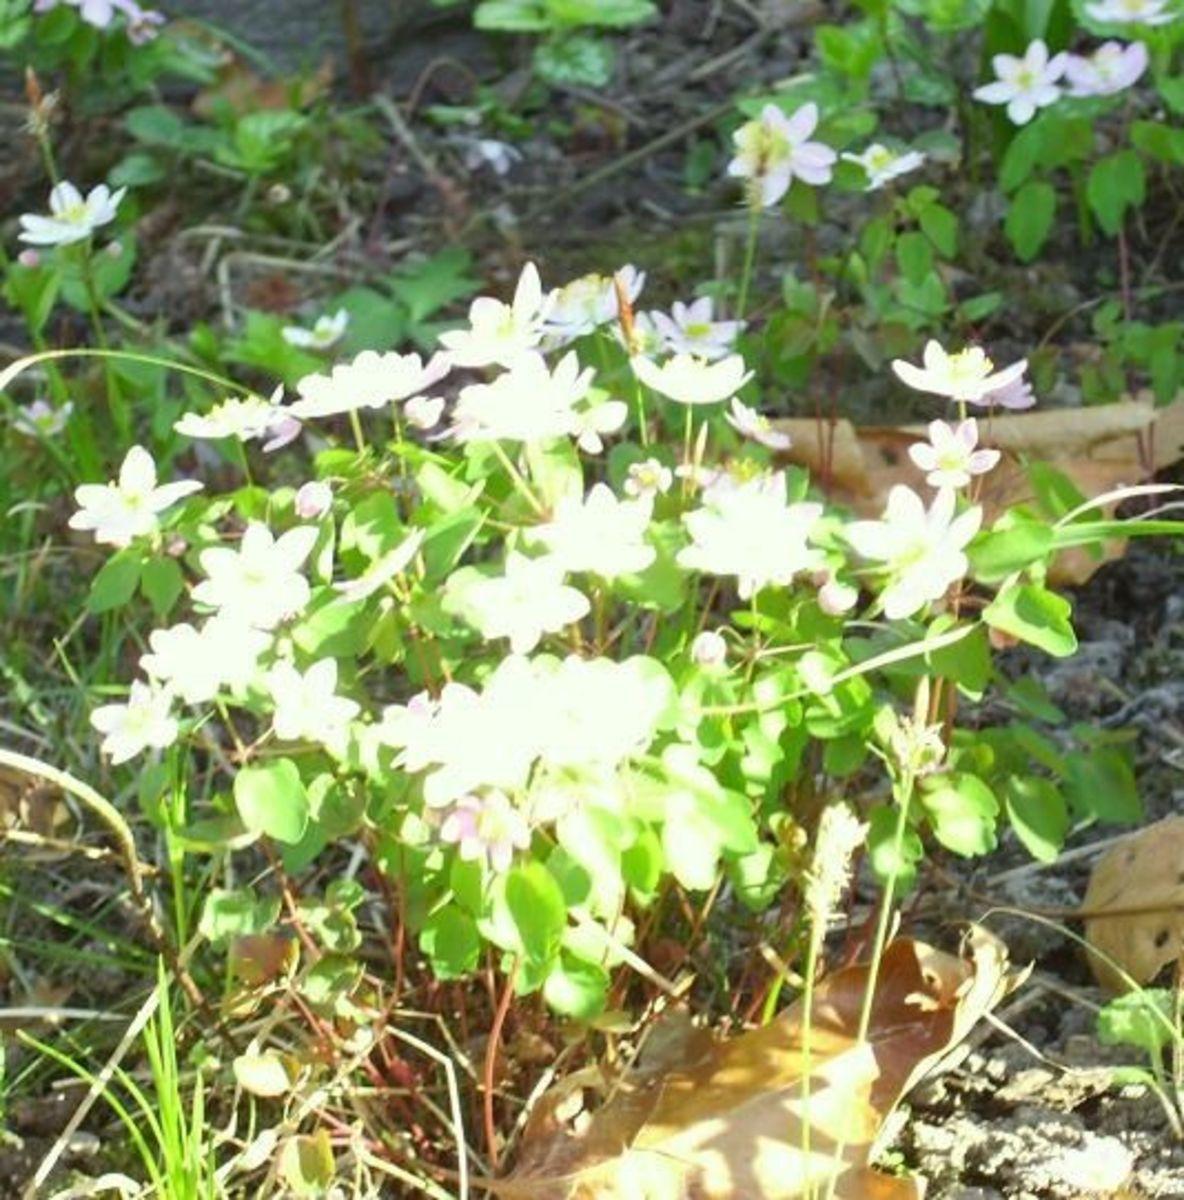 3/25/12 White wildflowers